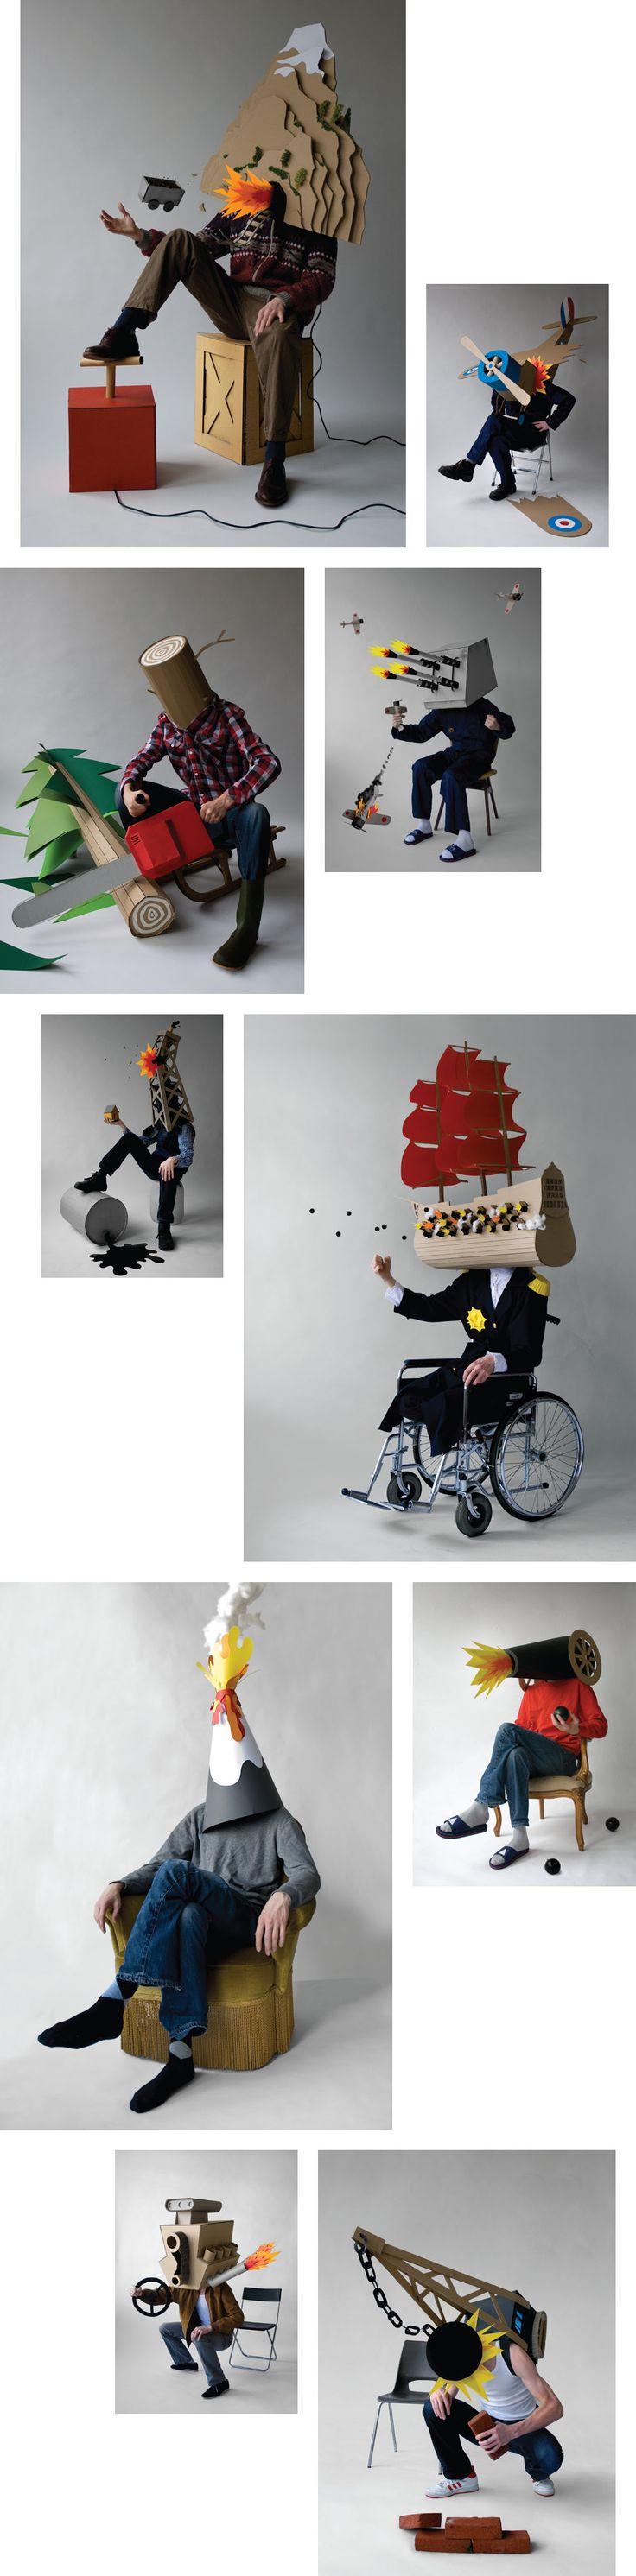 677 best Inspira§µes images on Pinterest